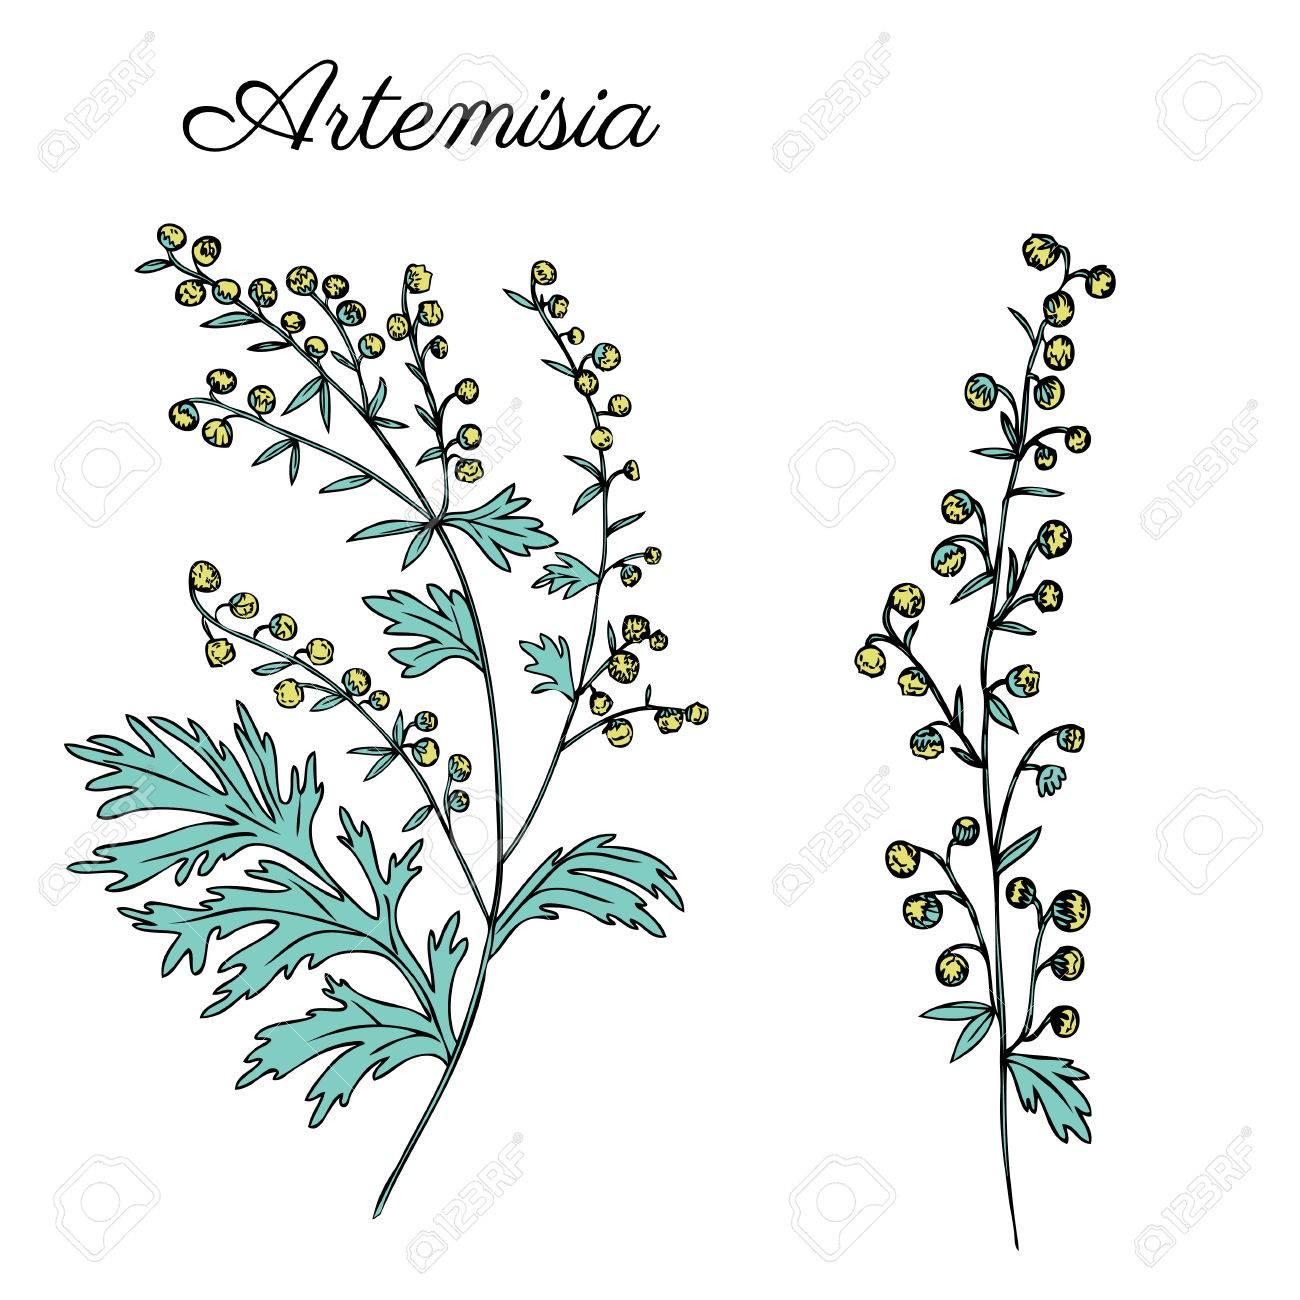 Artemisia Absinthium Wormwood Hand Drawn Vector Ink Color Sketch